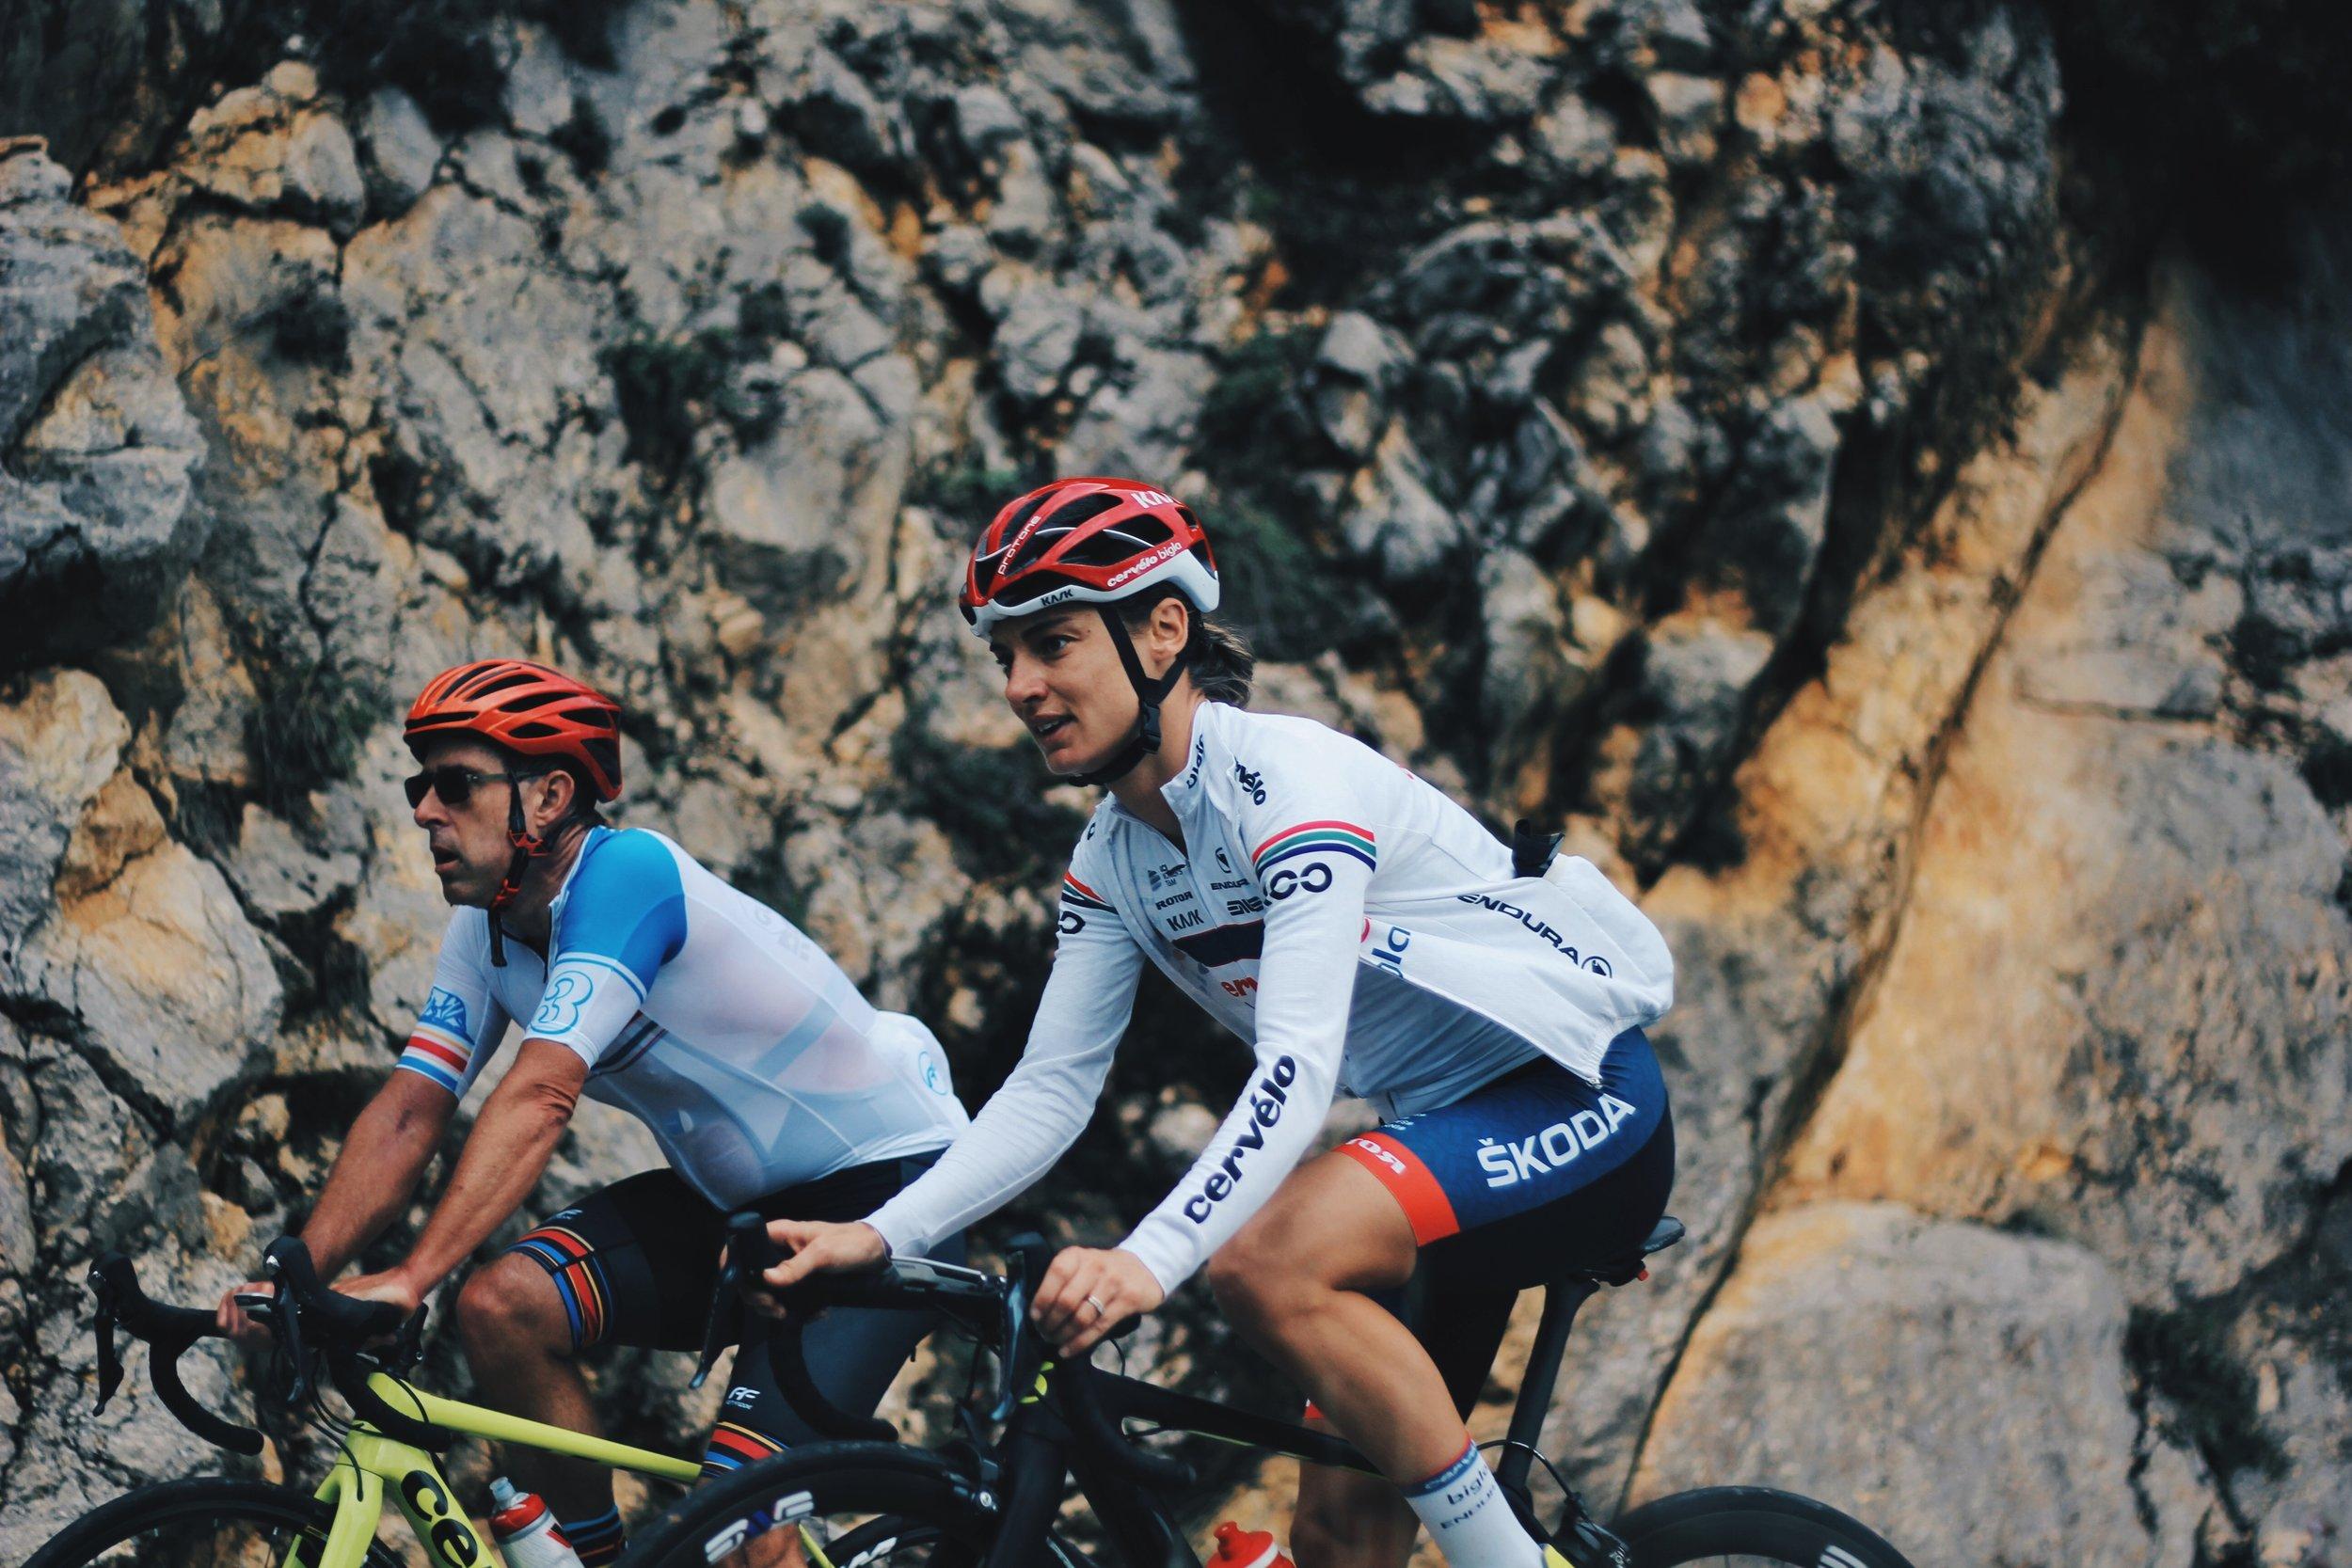 Ashleigh Moolman Pasio Girona Cycle Tour